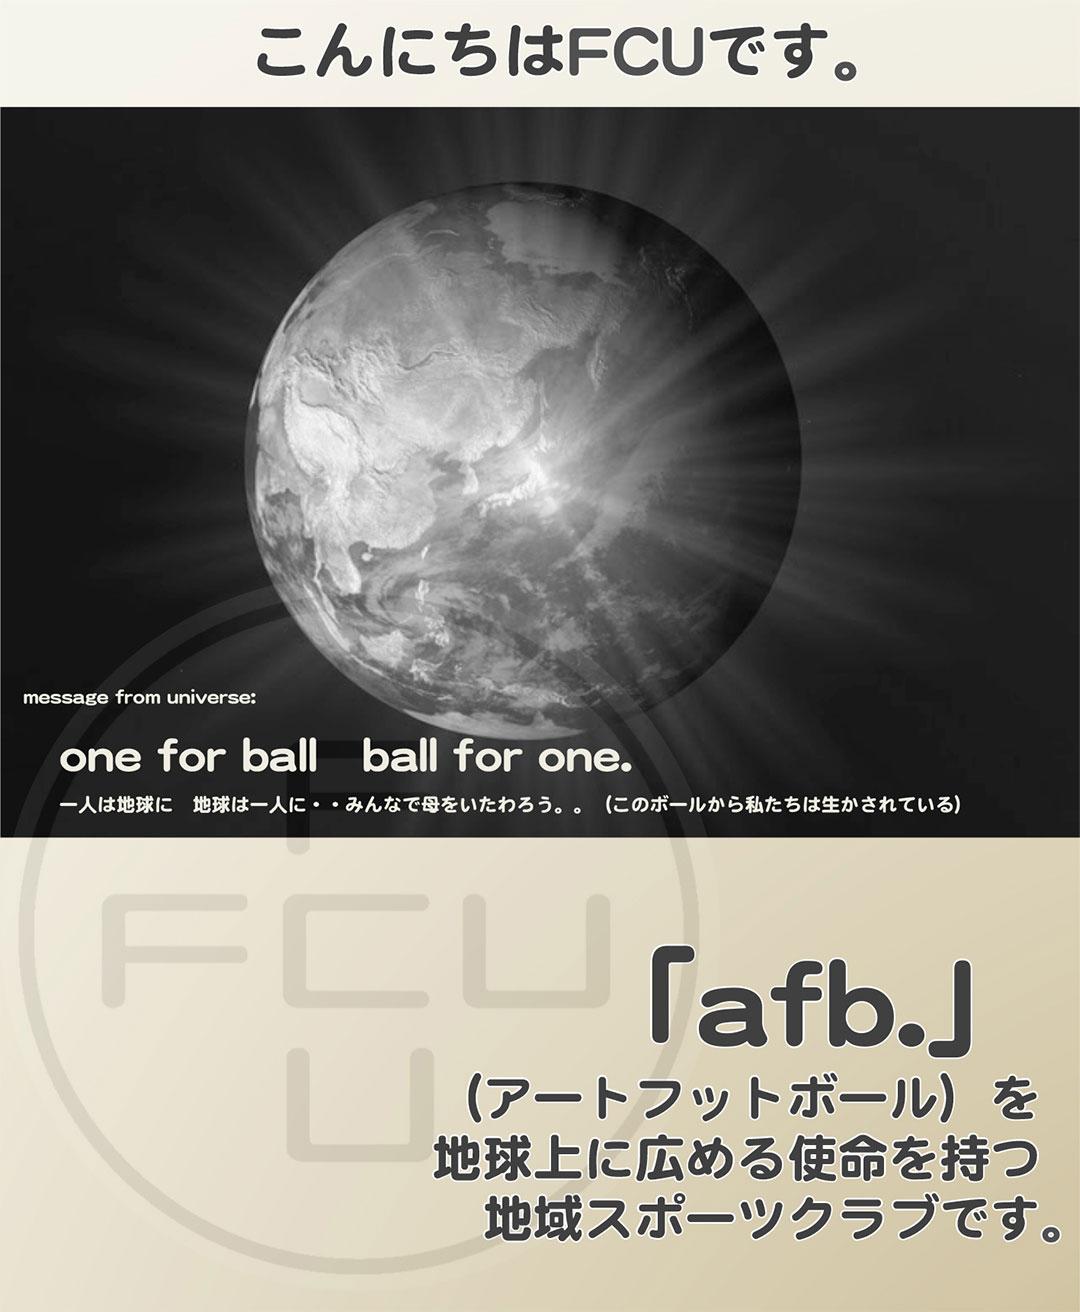 こんにちはFCUです。|「afb.」(アートフットボール)を地球上に広める使命を持つ地域スポーツクラブです。